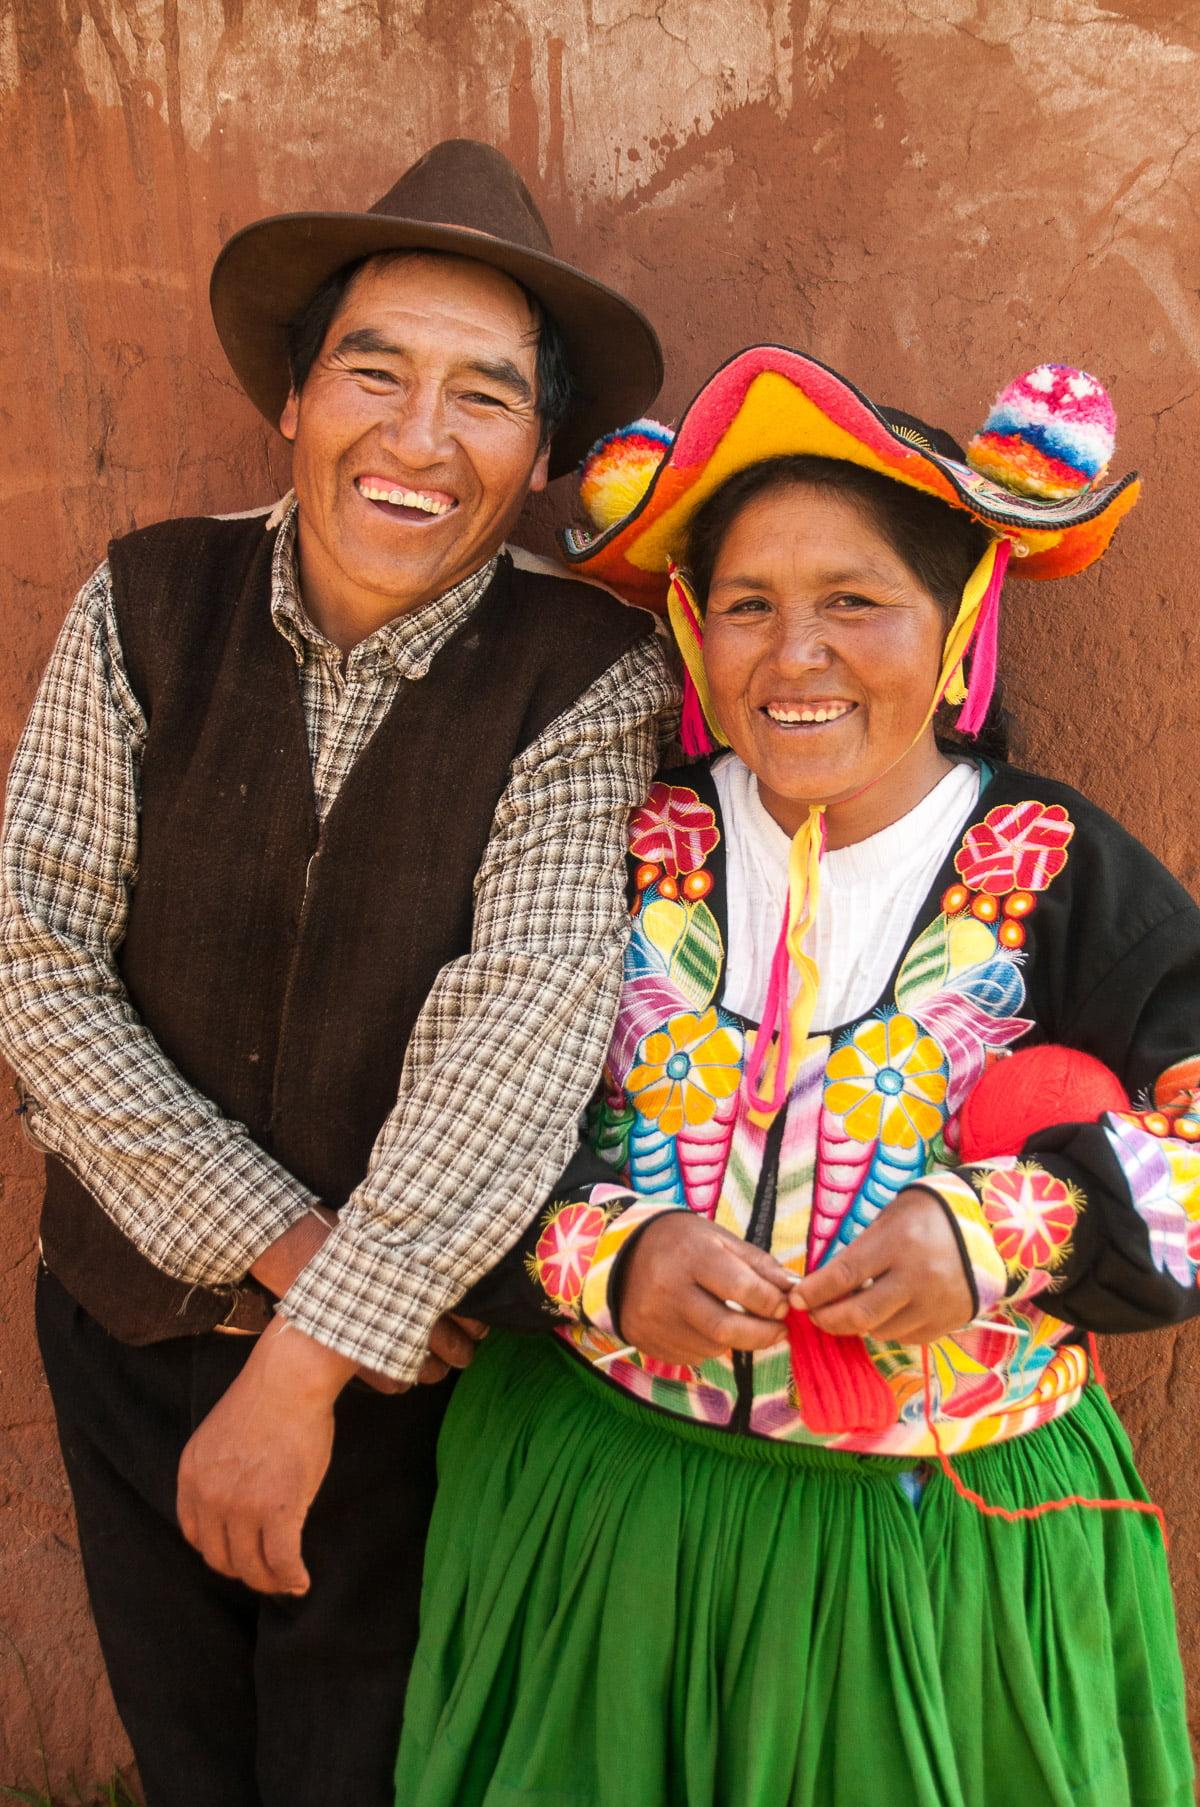 titicaca couple - Les globe blogueurs - blog voyage nature